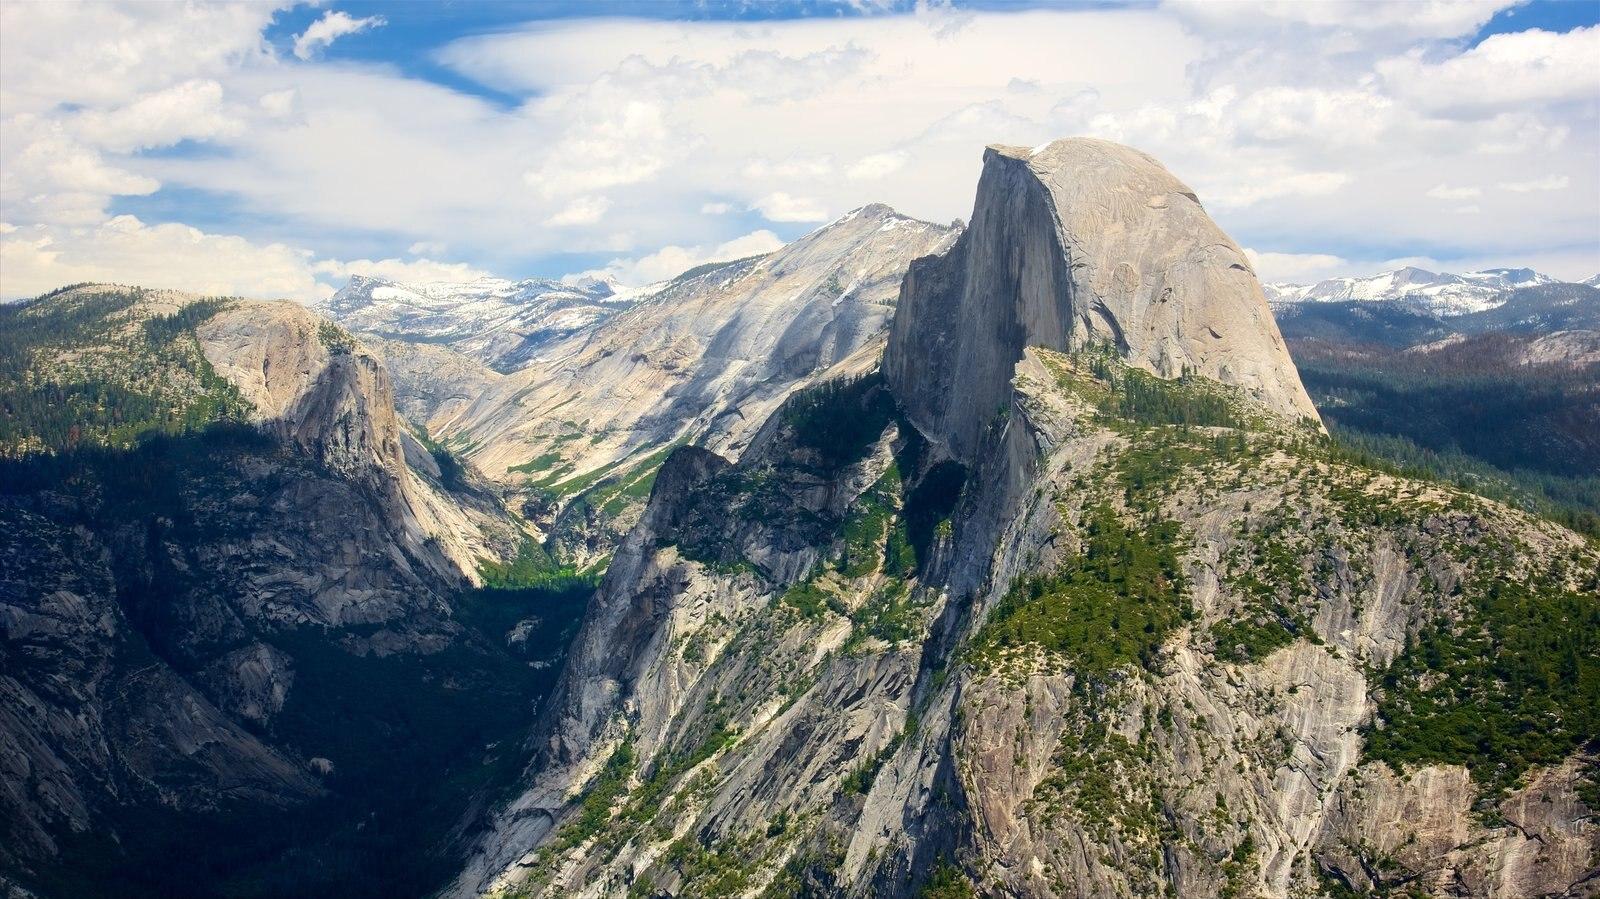 Glacier Point caracterizando paisagem e montanhas